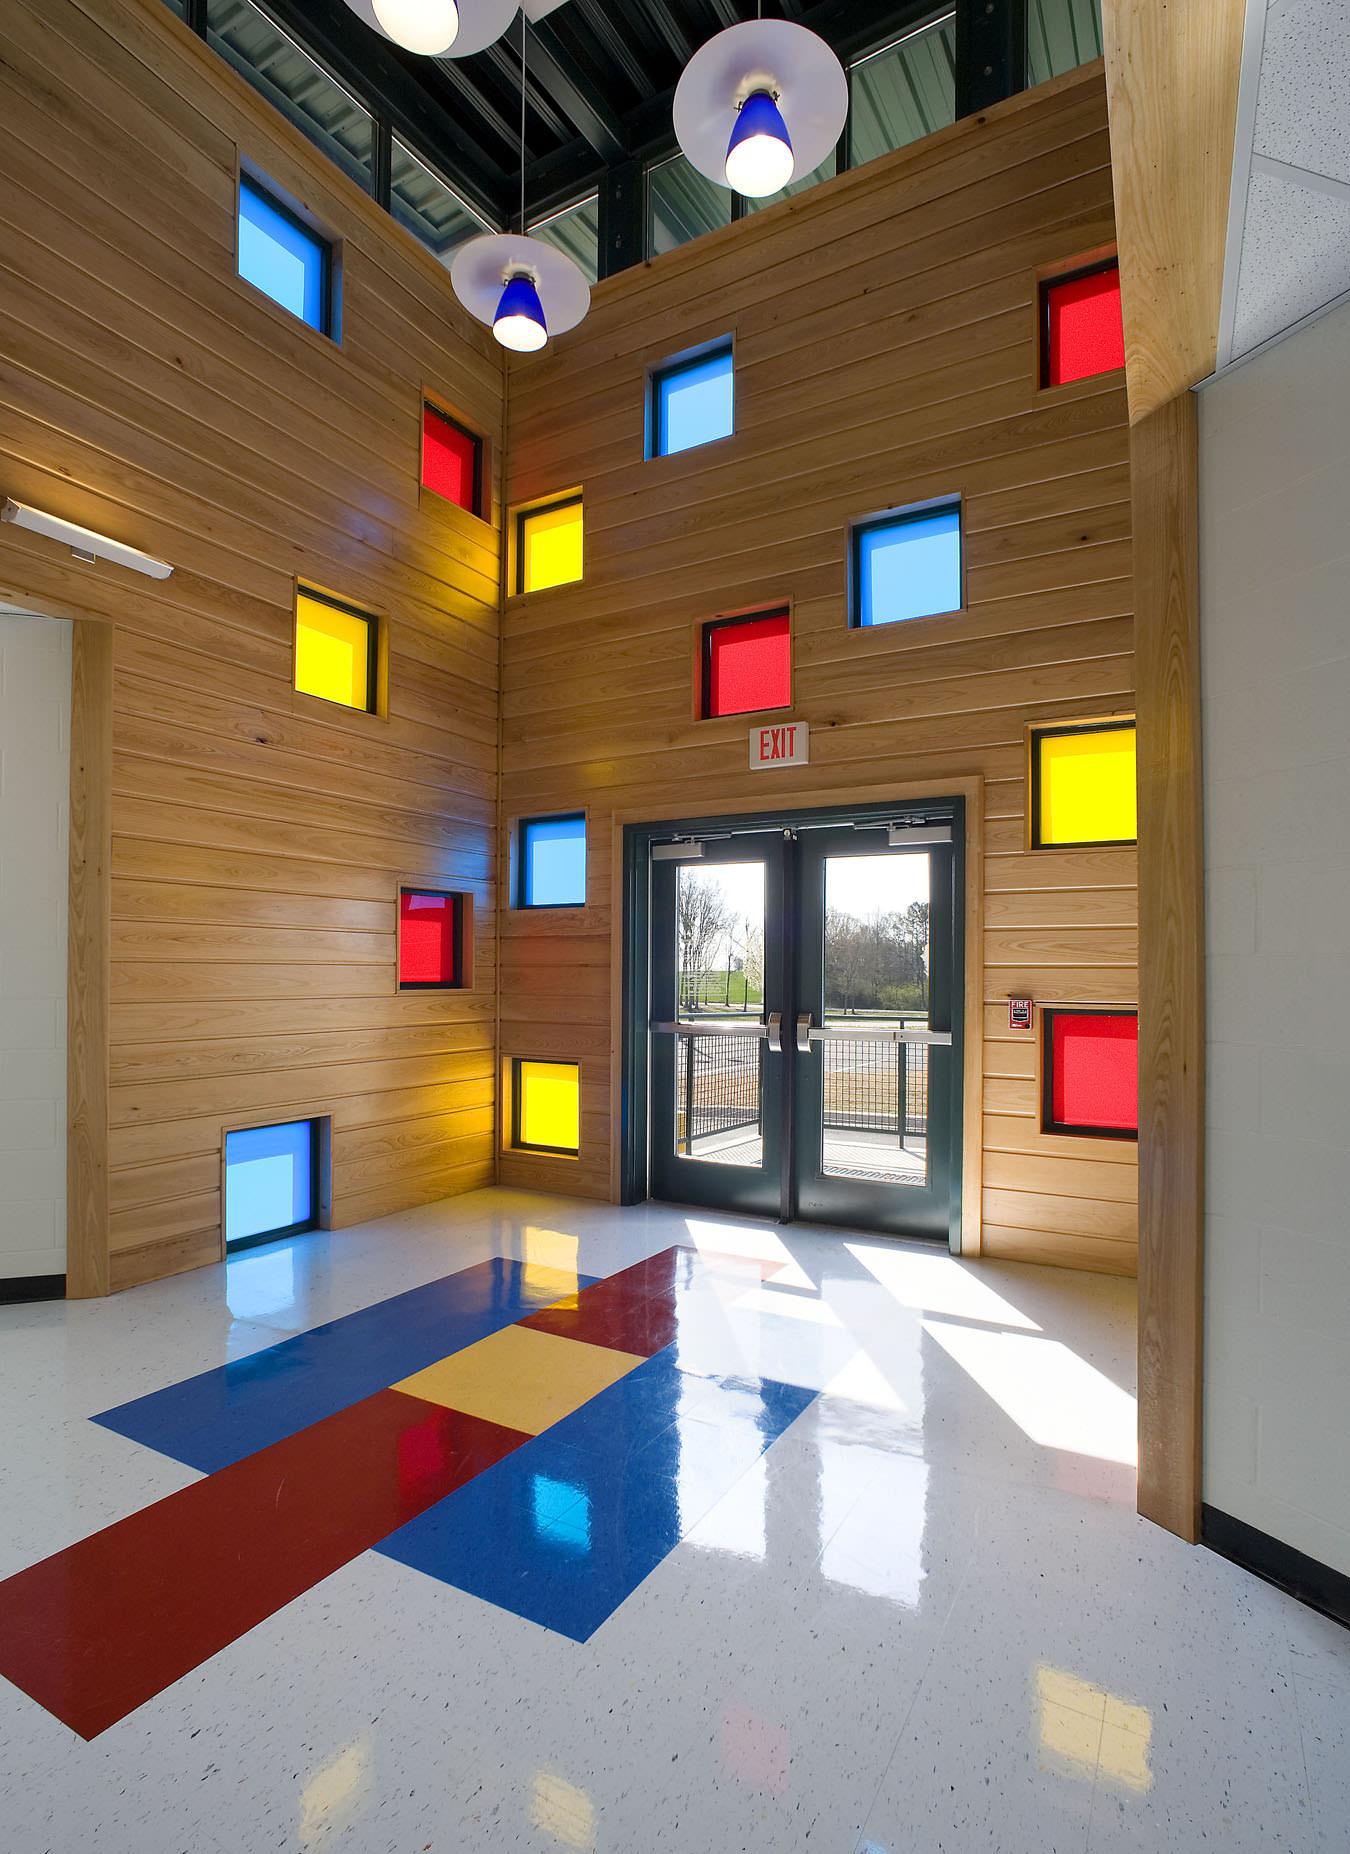 Townville Elementary School   Craig Gaulden Davis Architecture